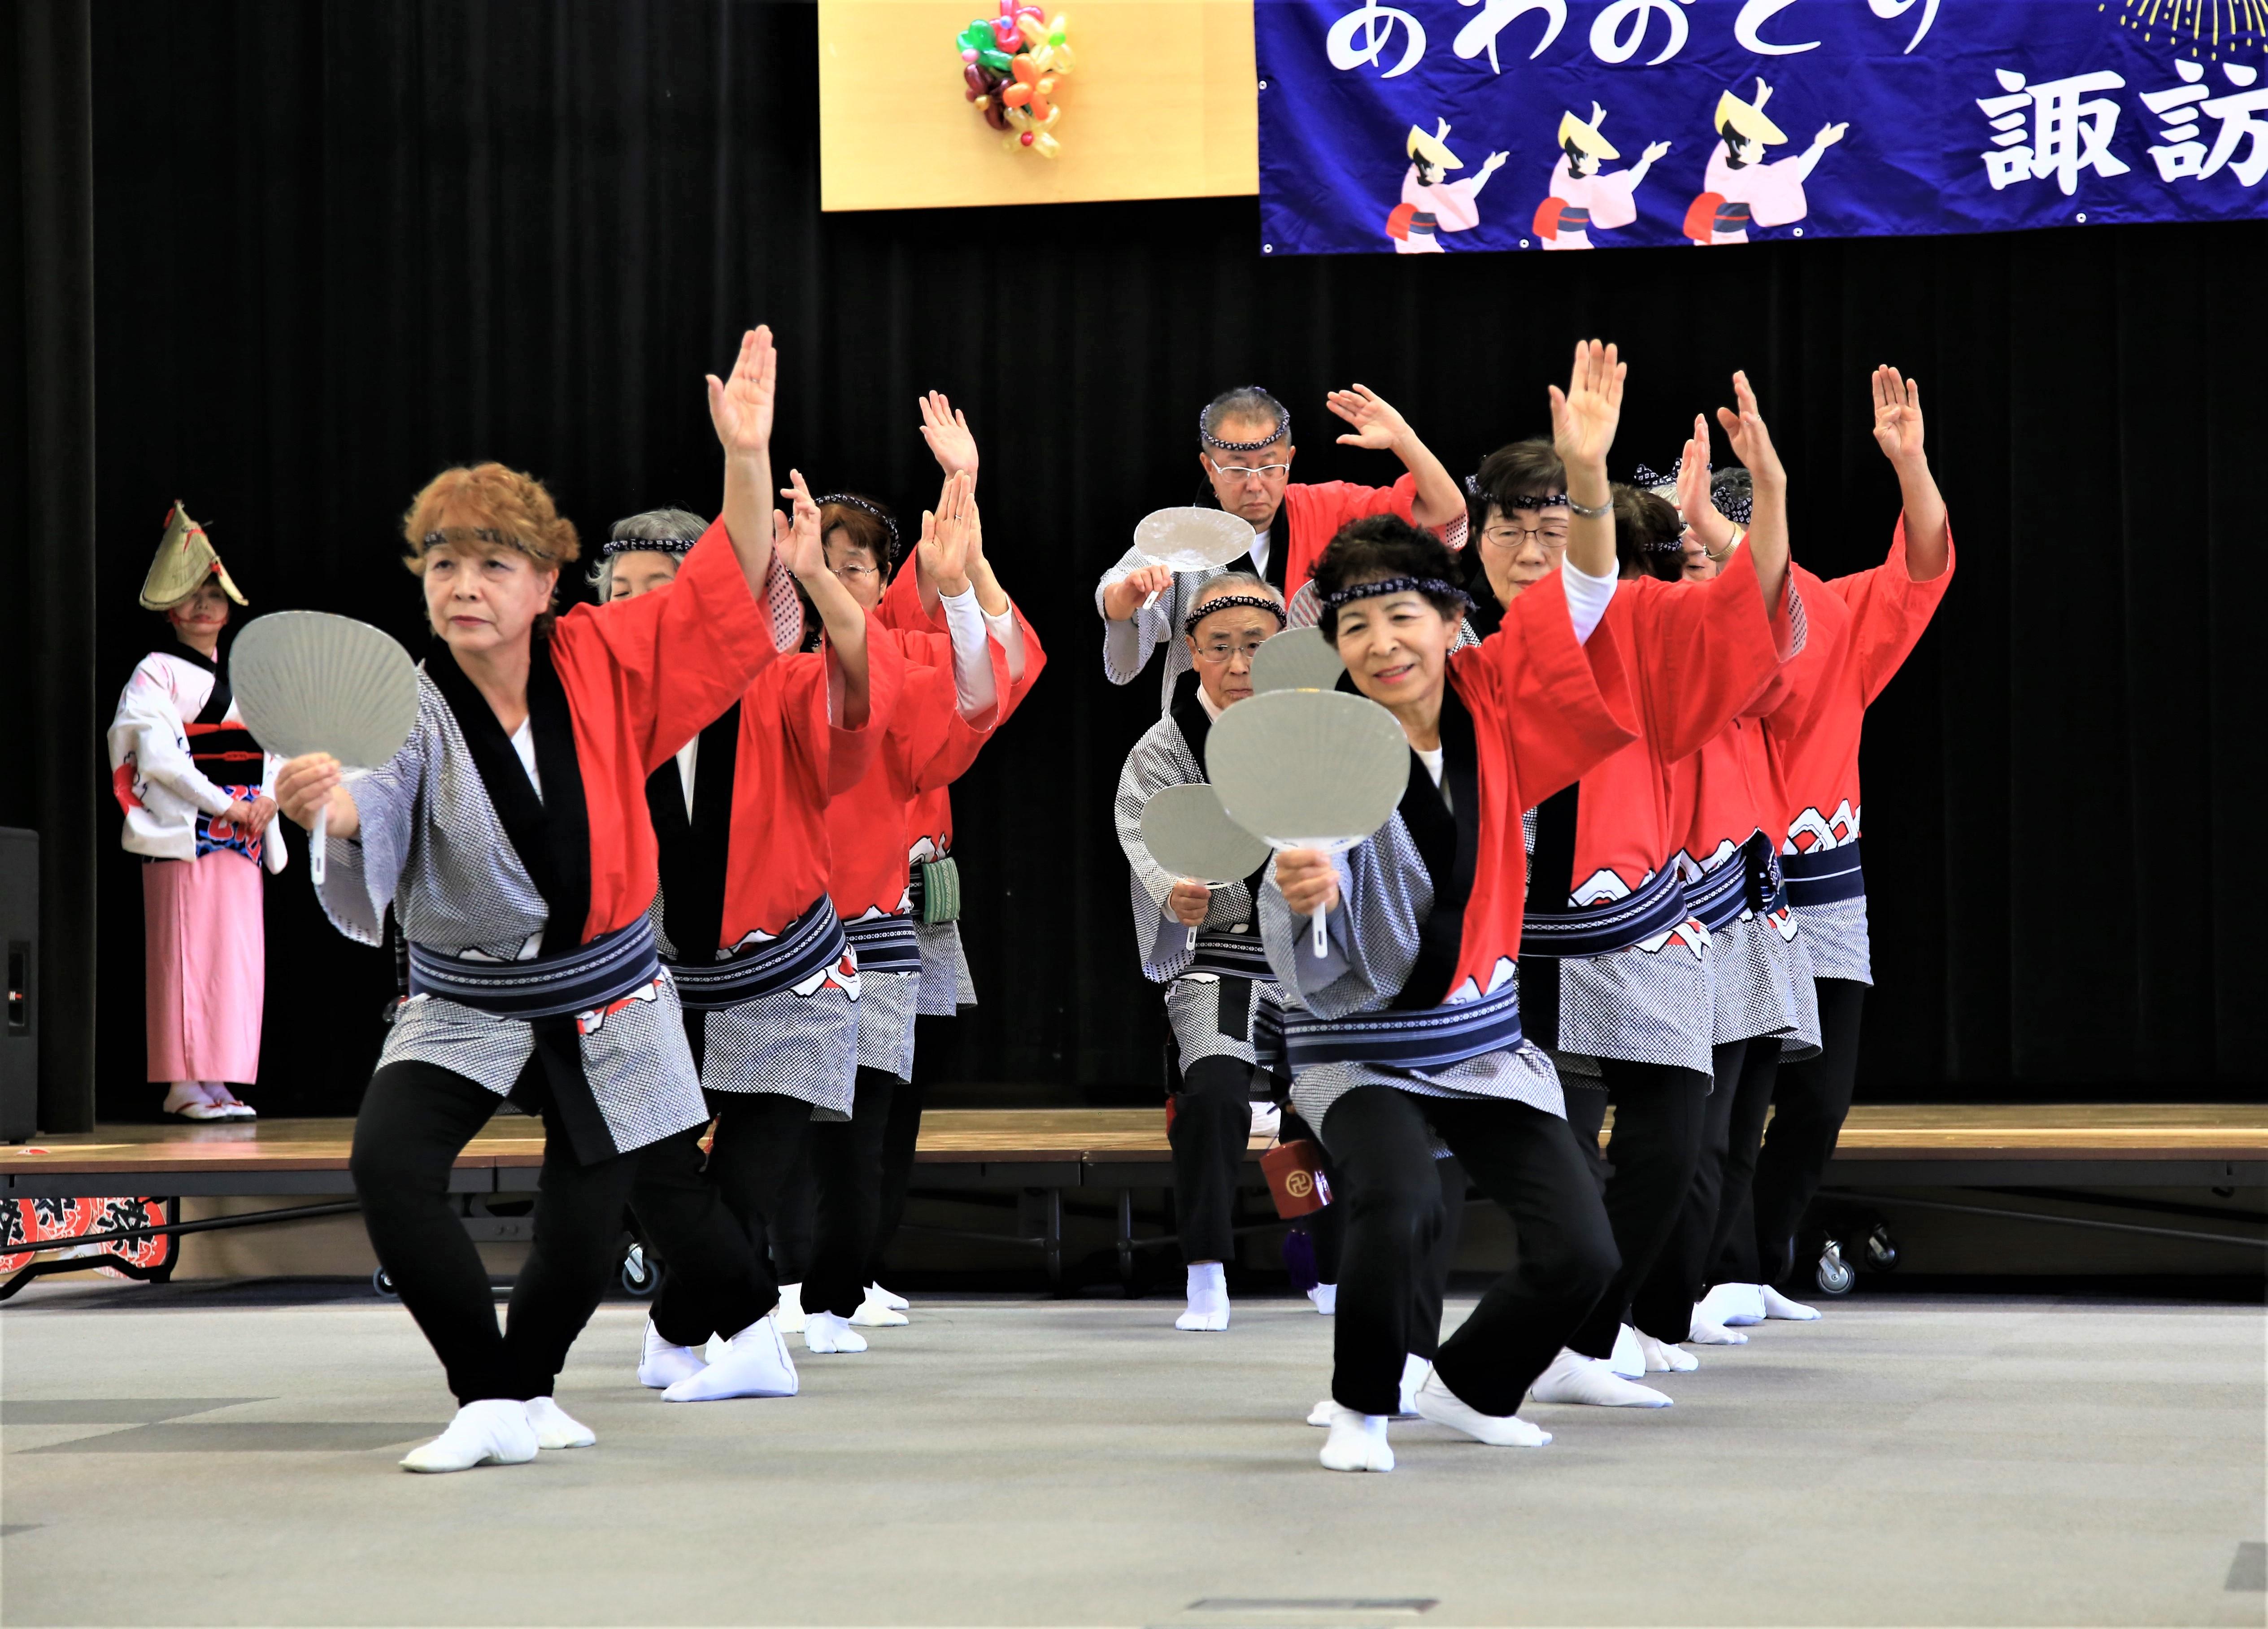 ♪ 老いも若きもおどらにゃそんそん♪「阿波踊り諏訪湖連」(諏訪市) の画像